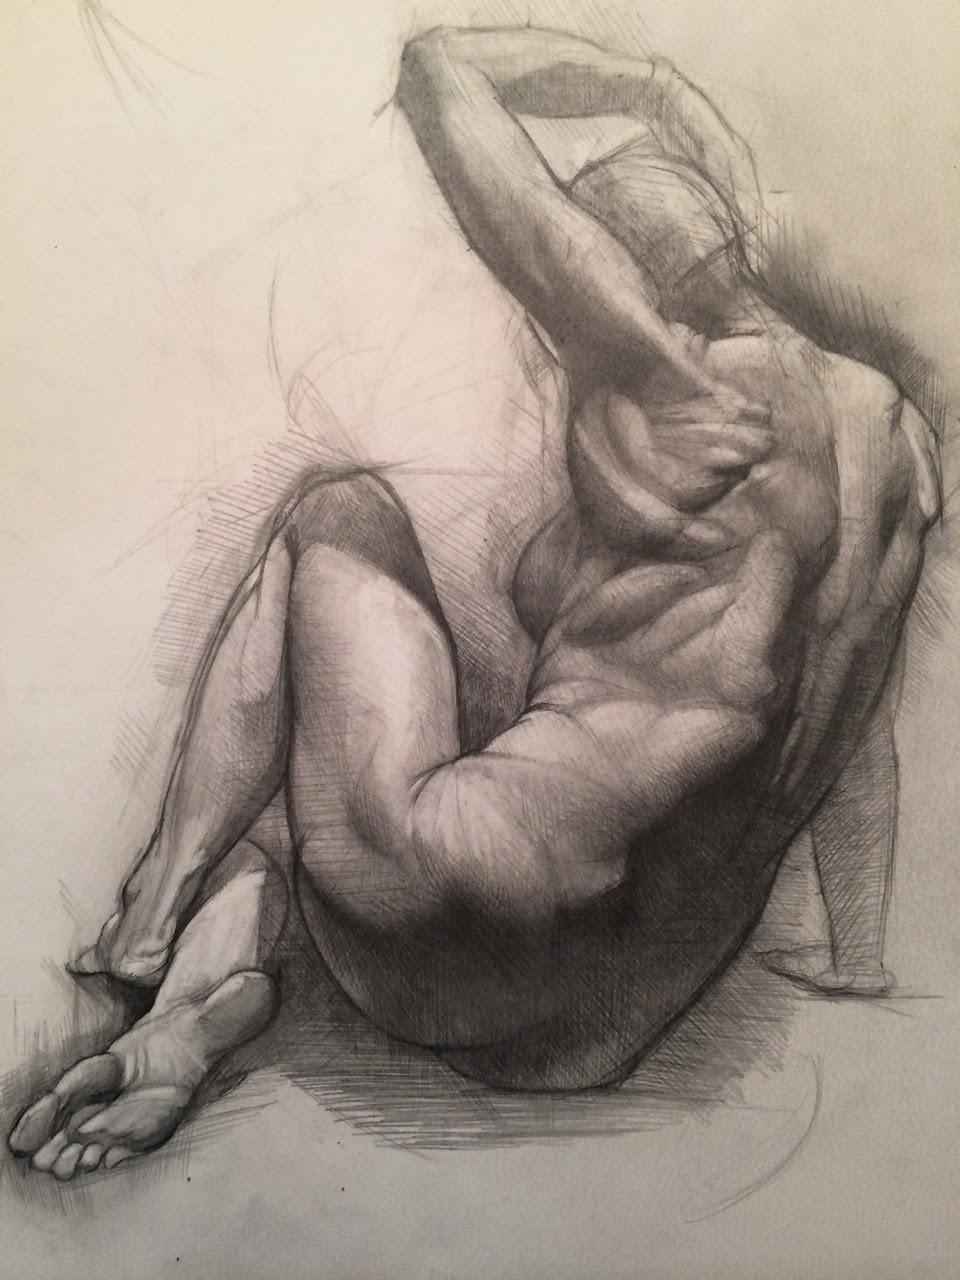 Porno drawings erotica vids